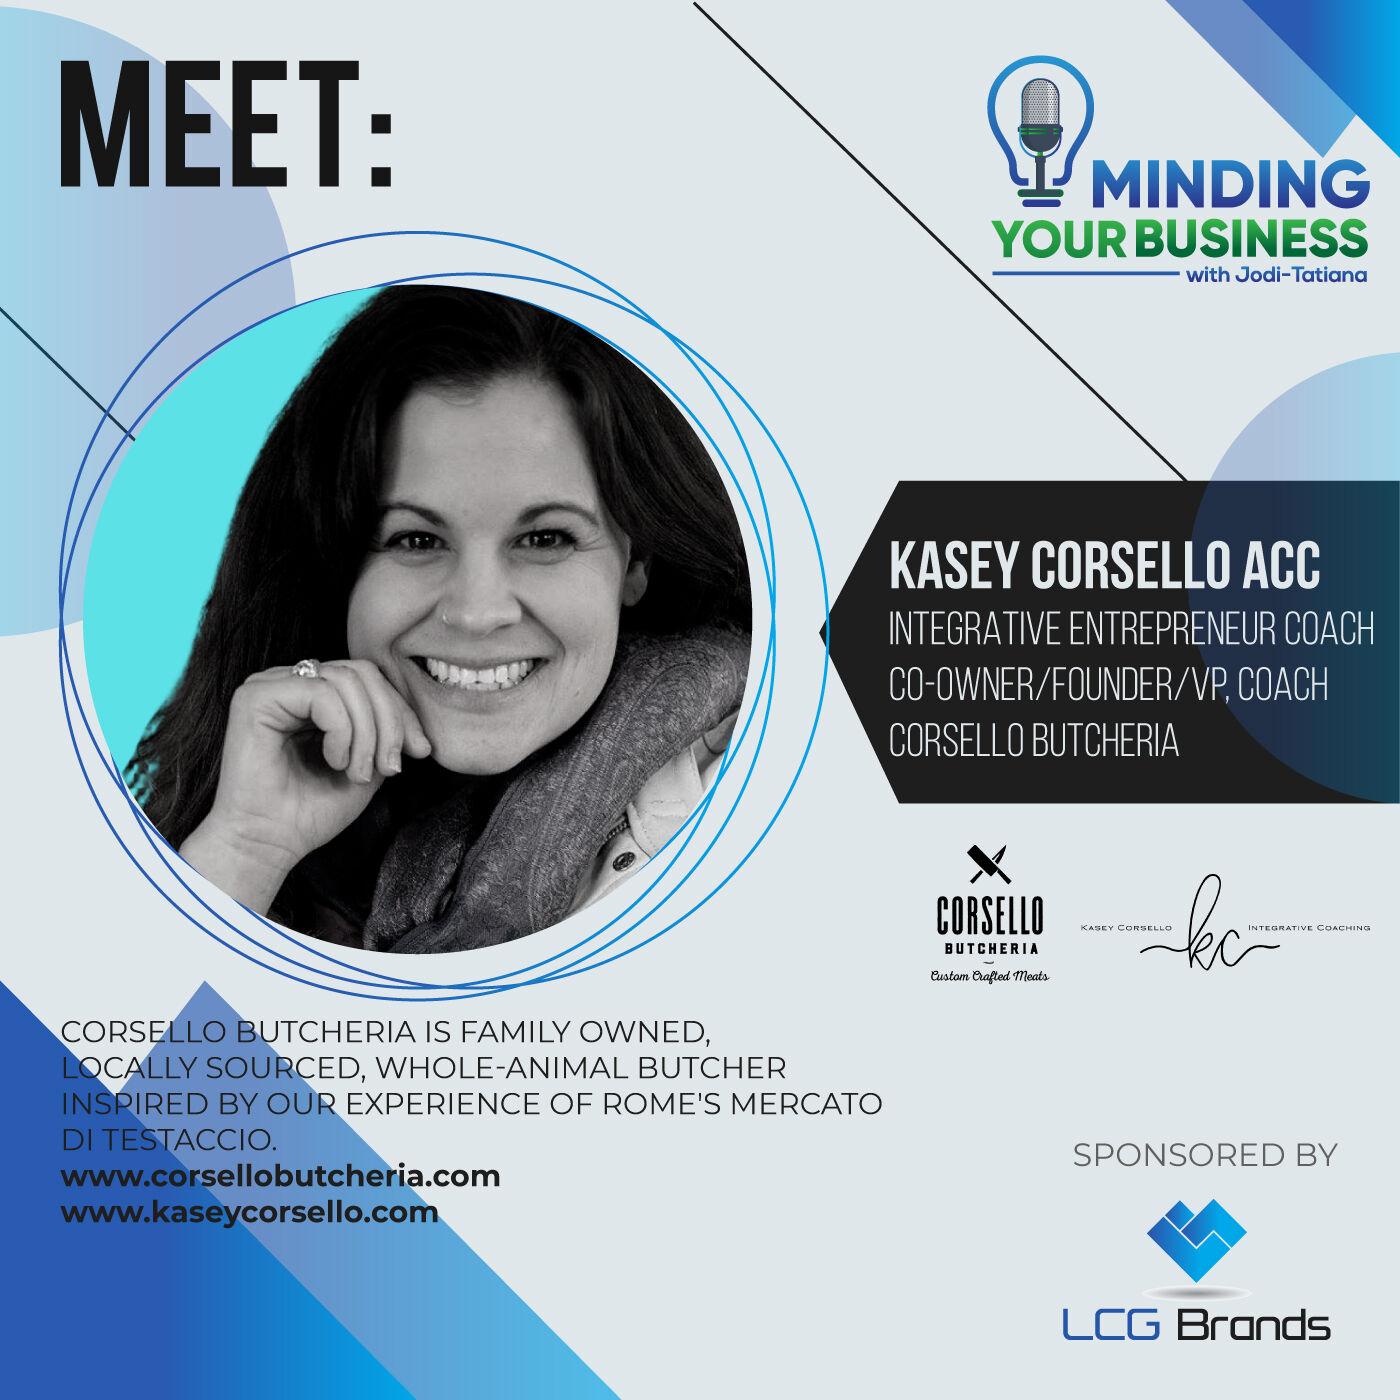 Episode 107: Meet Corsello Butcheria & Integrative Entrepreneur Coach, co-owner, founder, Kasey Corsello (MA-USA)